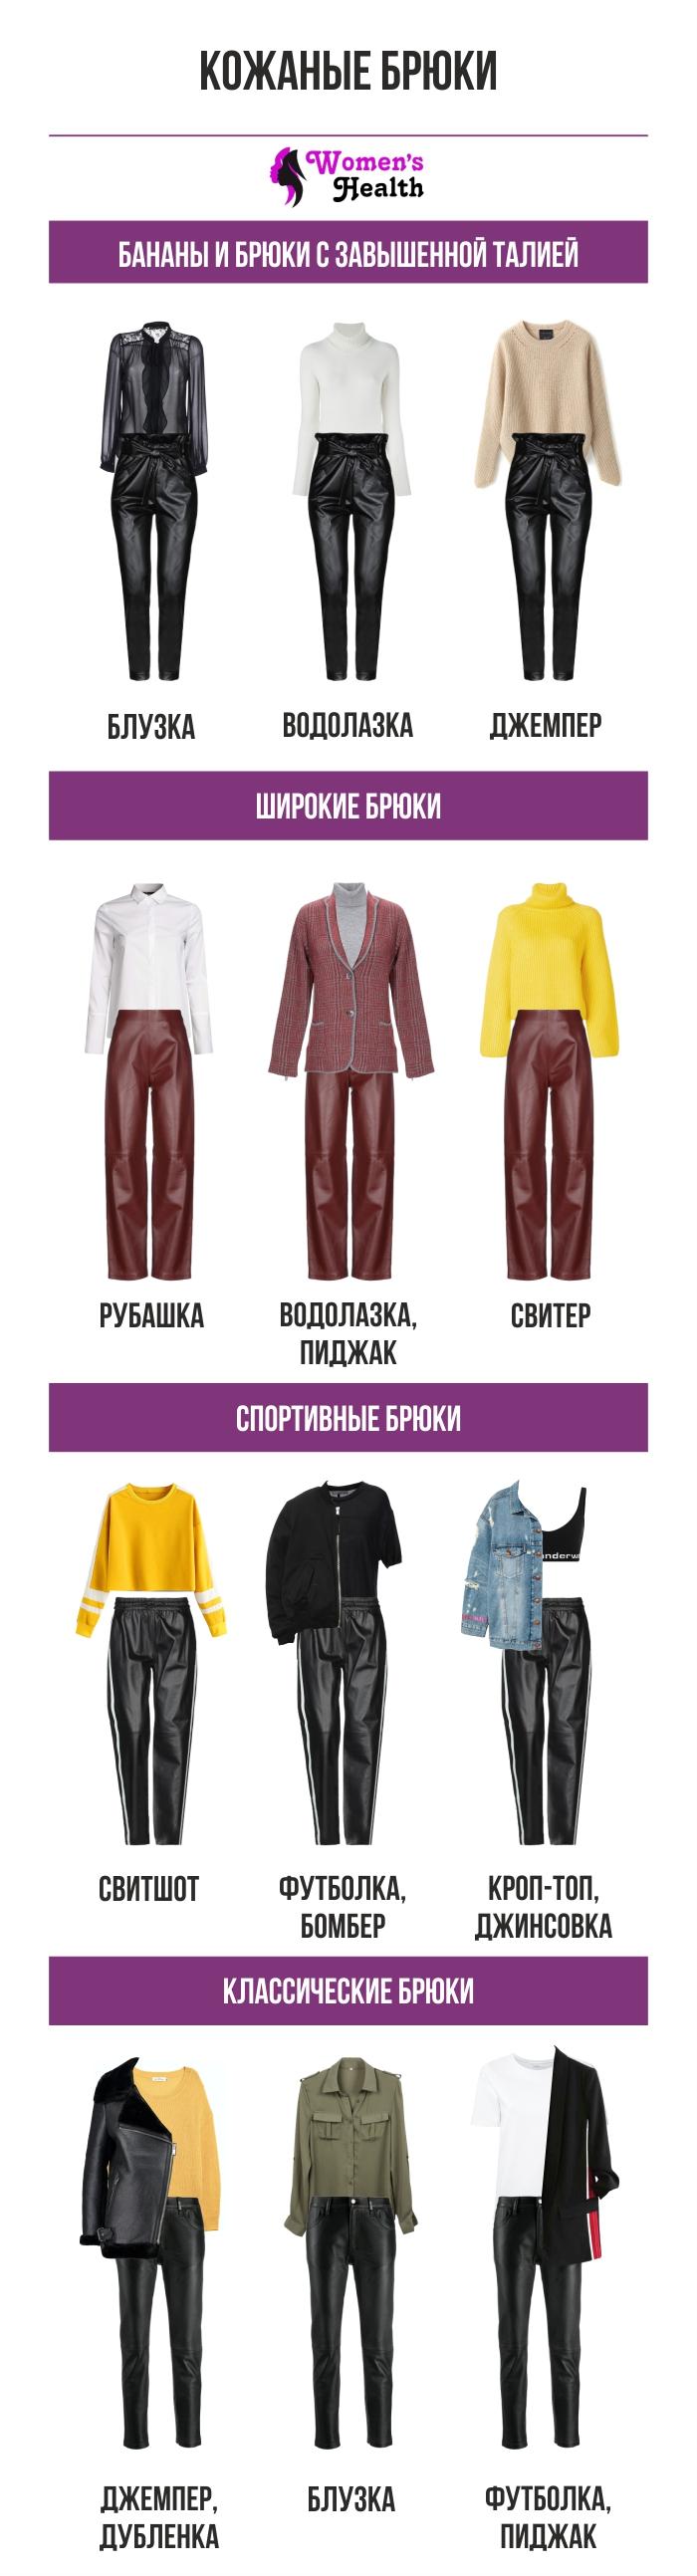 Инфографика: С чем носить кожаные брюки